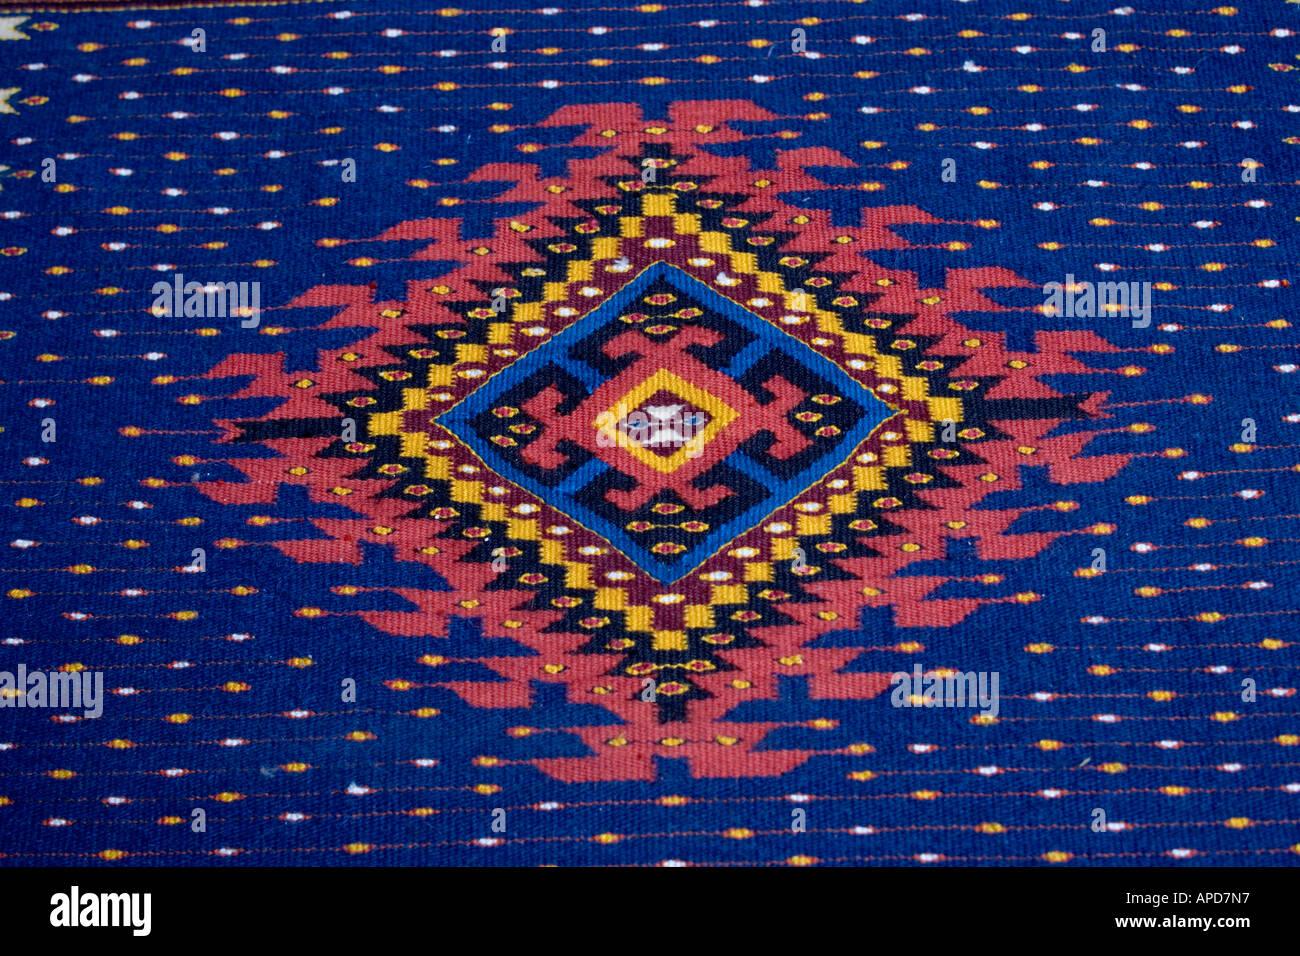 Zapotec Weaving Rug Stock Photos Amp Zapotec Weaving Rug